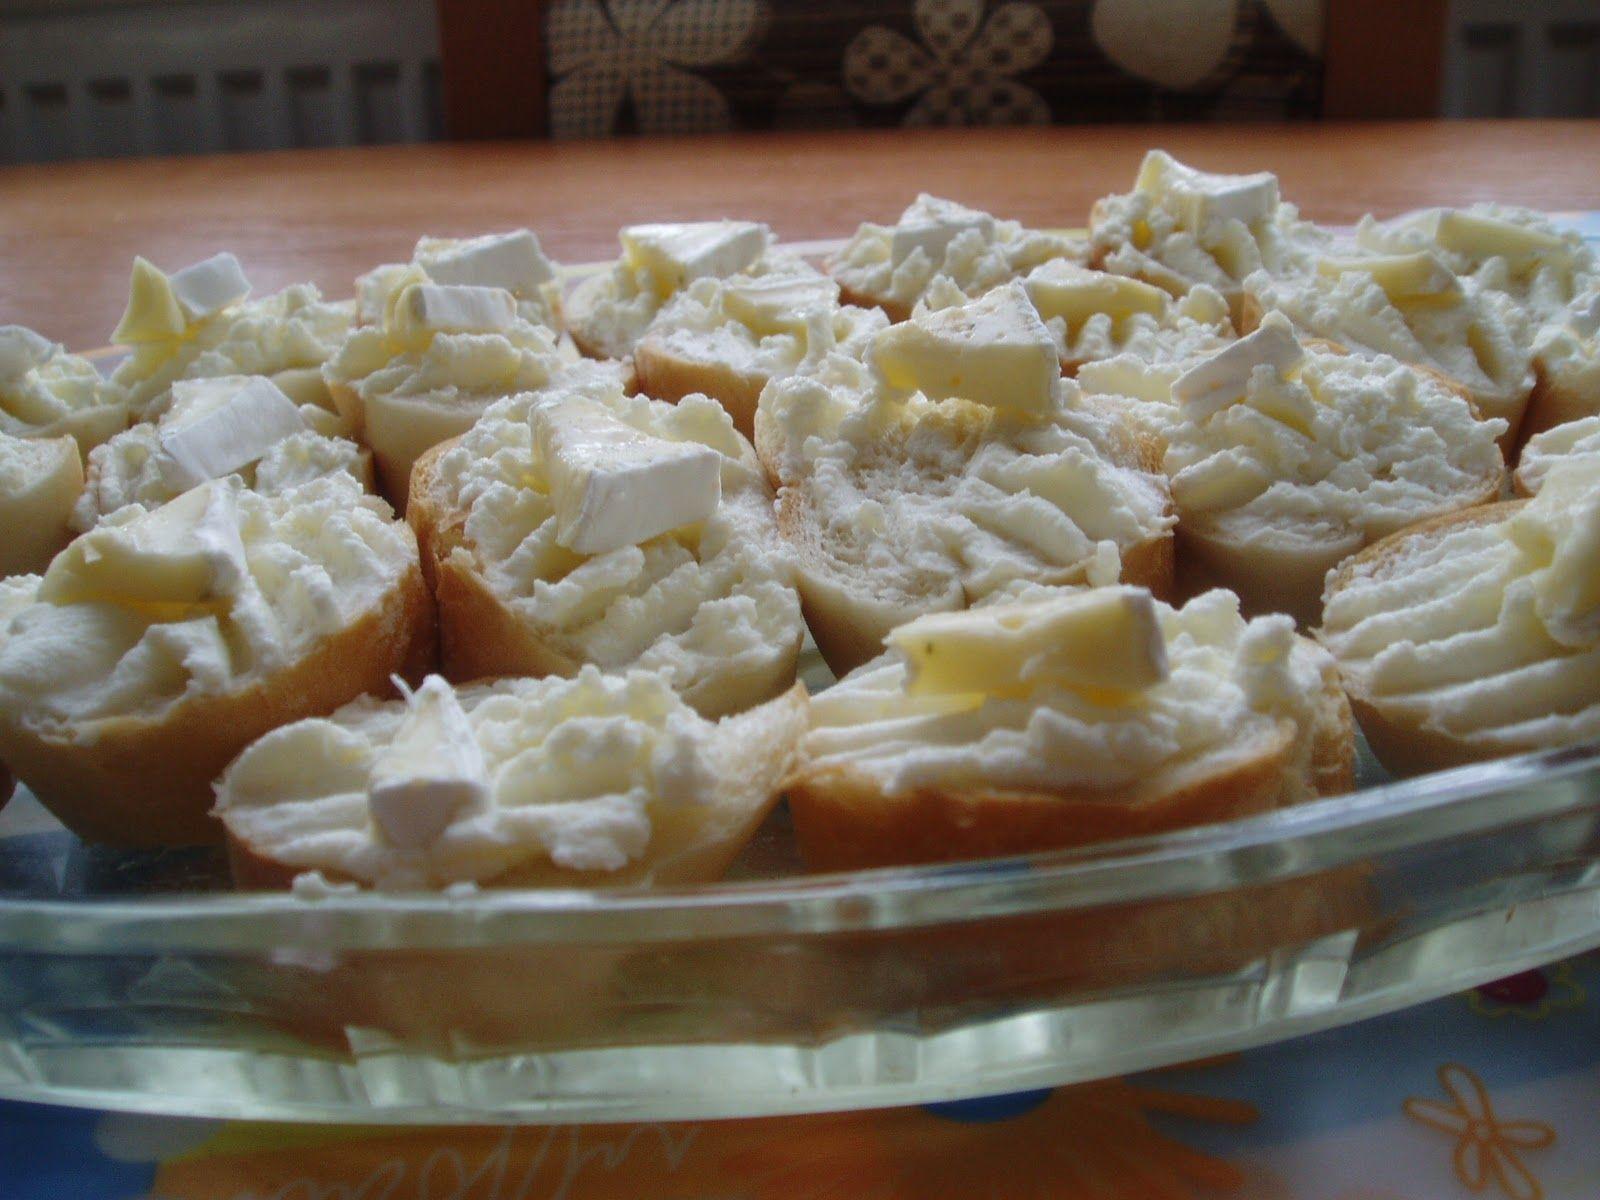 Recept přidávám se souhlasem majitelky MARTINY http://martininakuchyne.blogspot.cz/2012/01/cesnekova-pomazanka.html